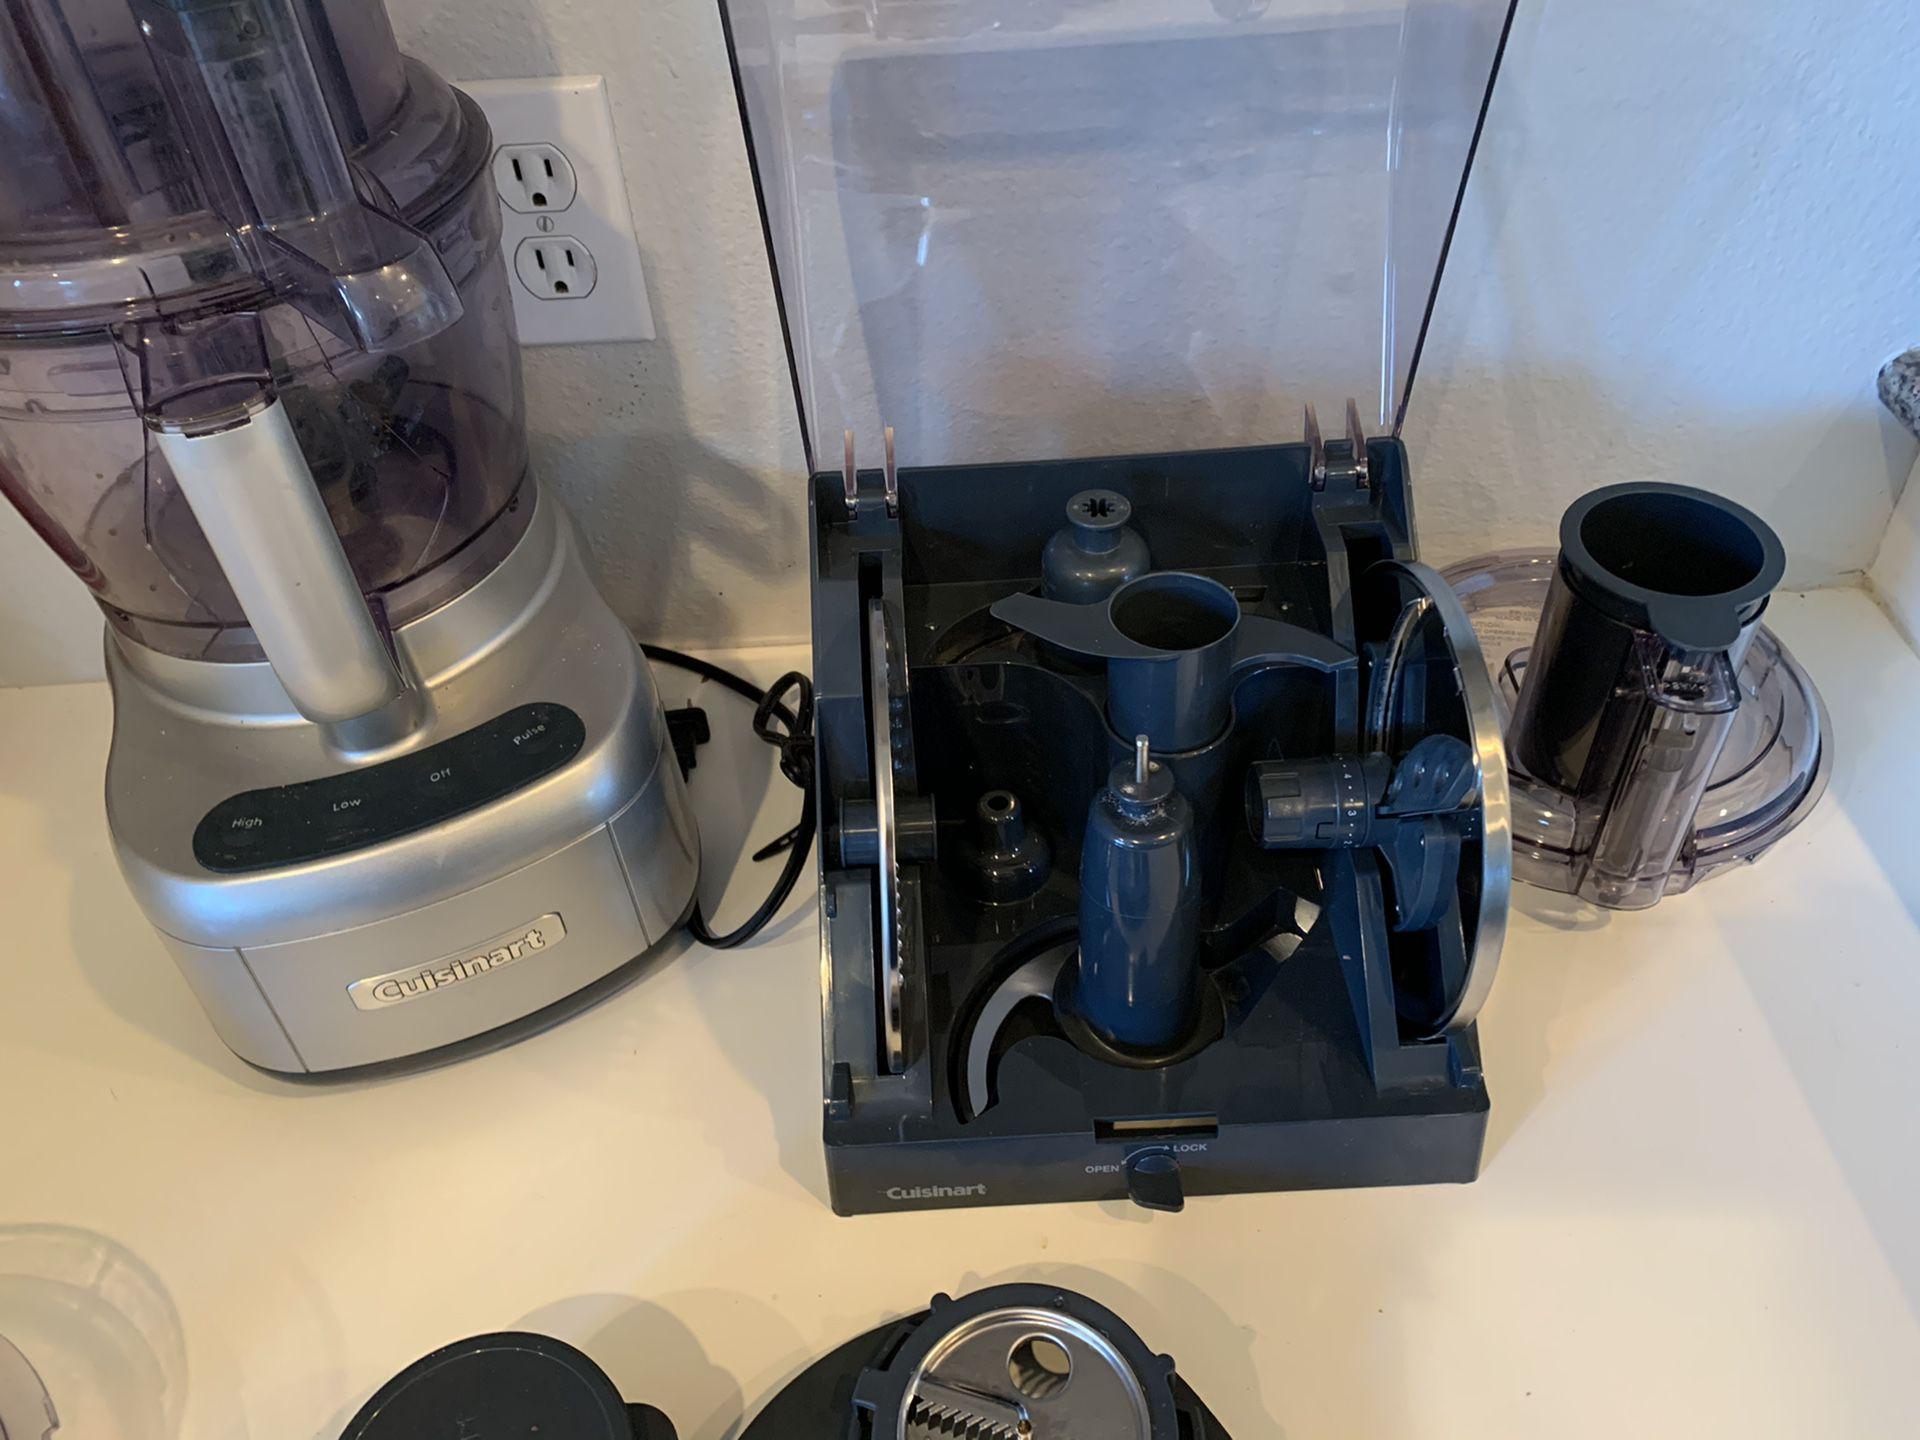 Cuisinart 13 cup food processor